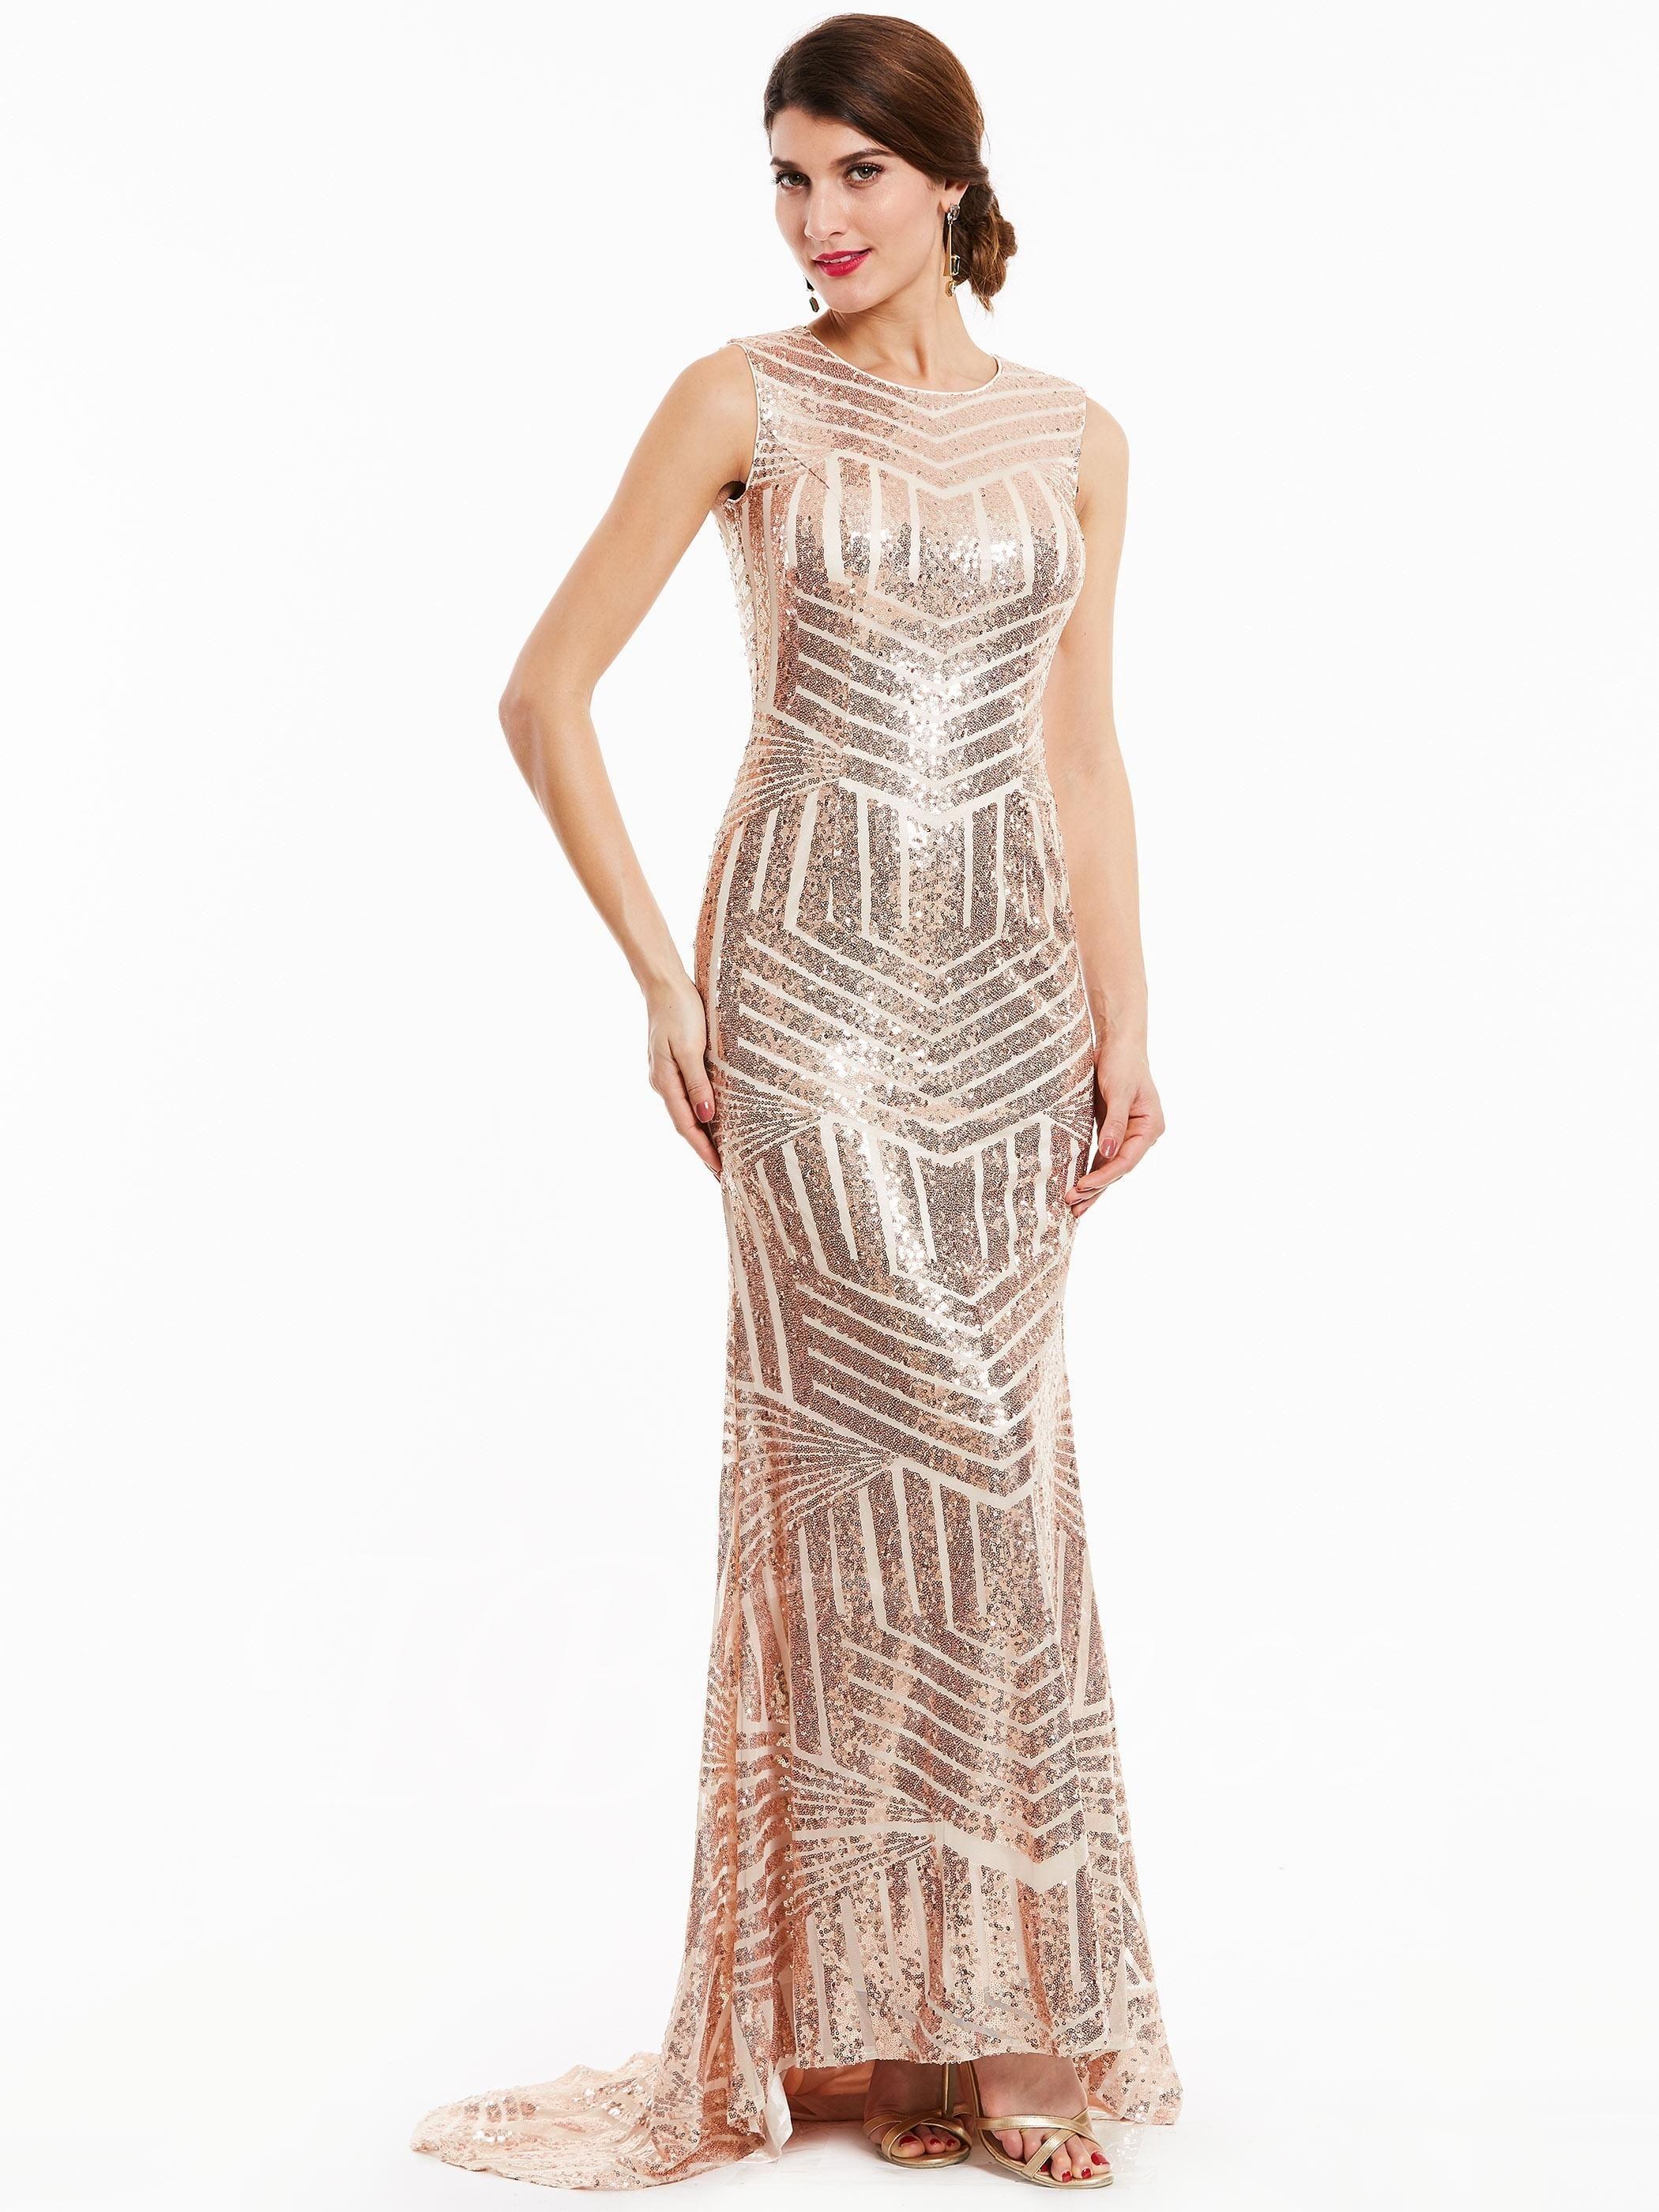 Tbdress tbdress scoop neck backless sequins mermaid evening dress